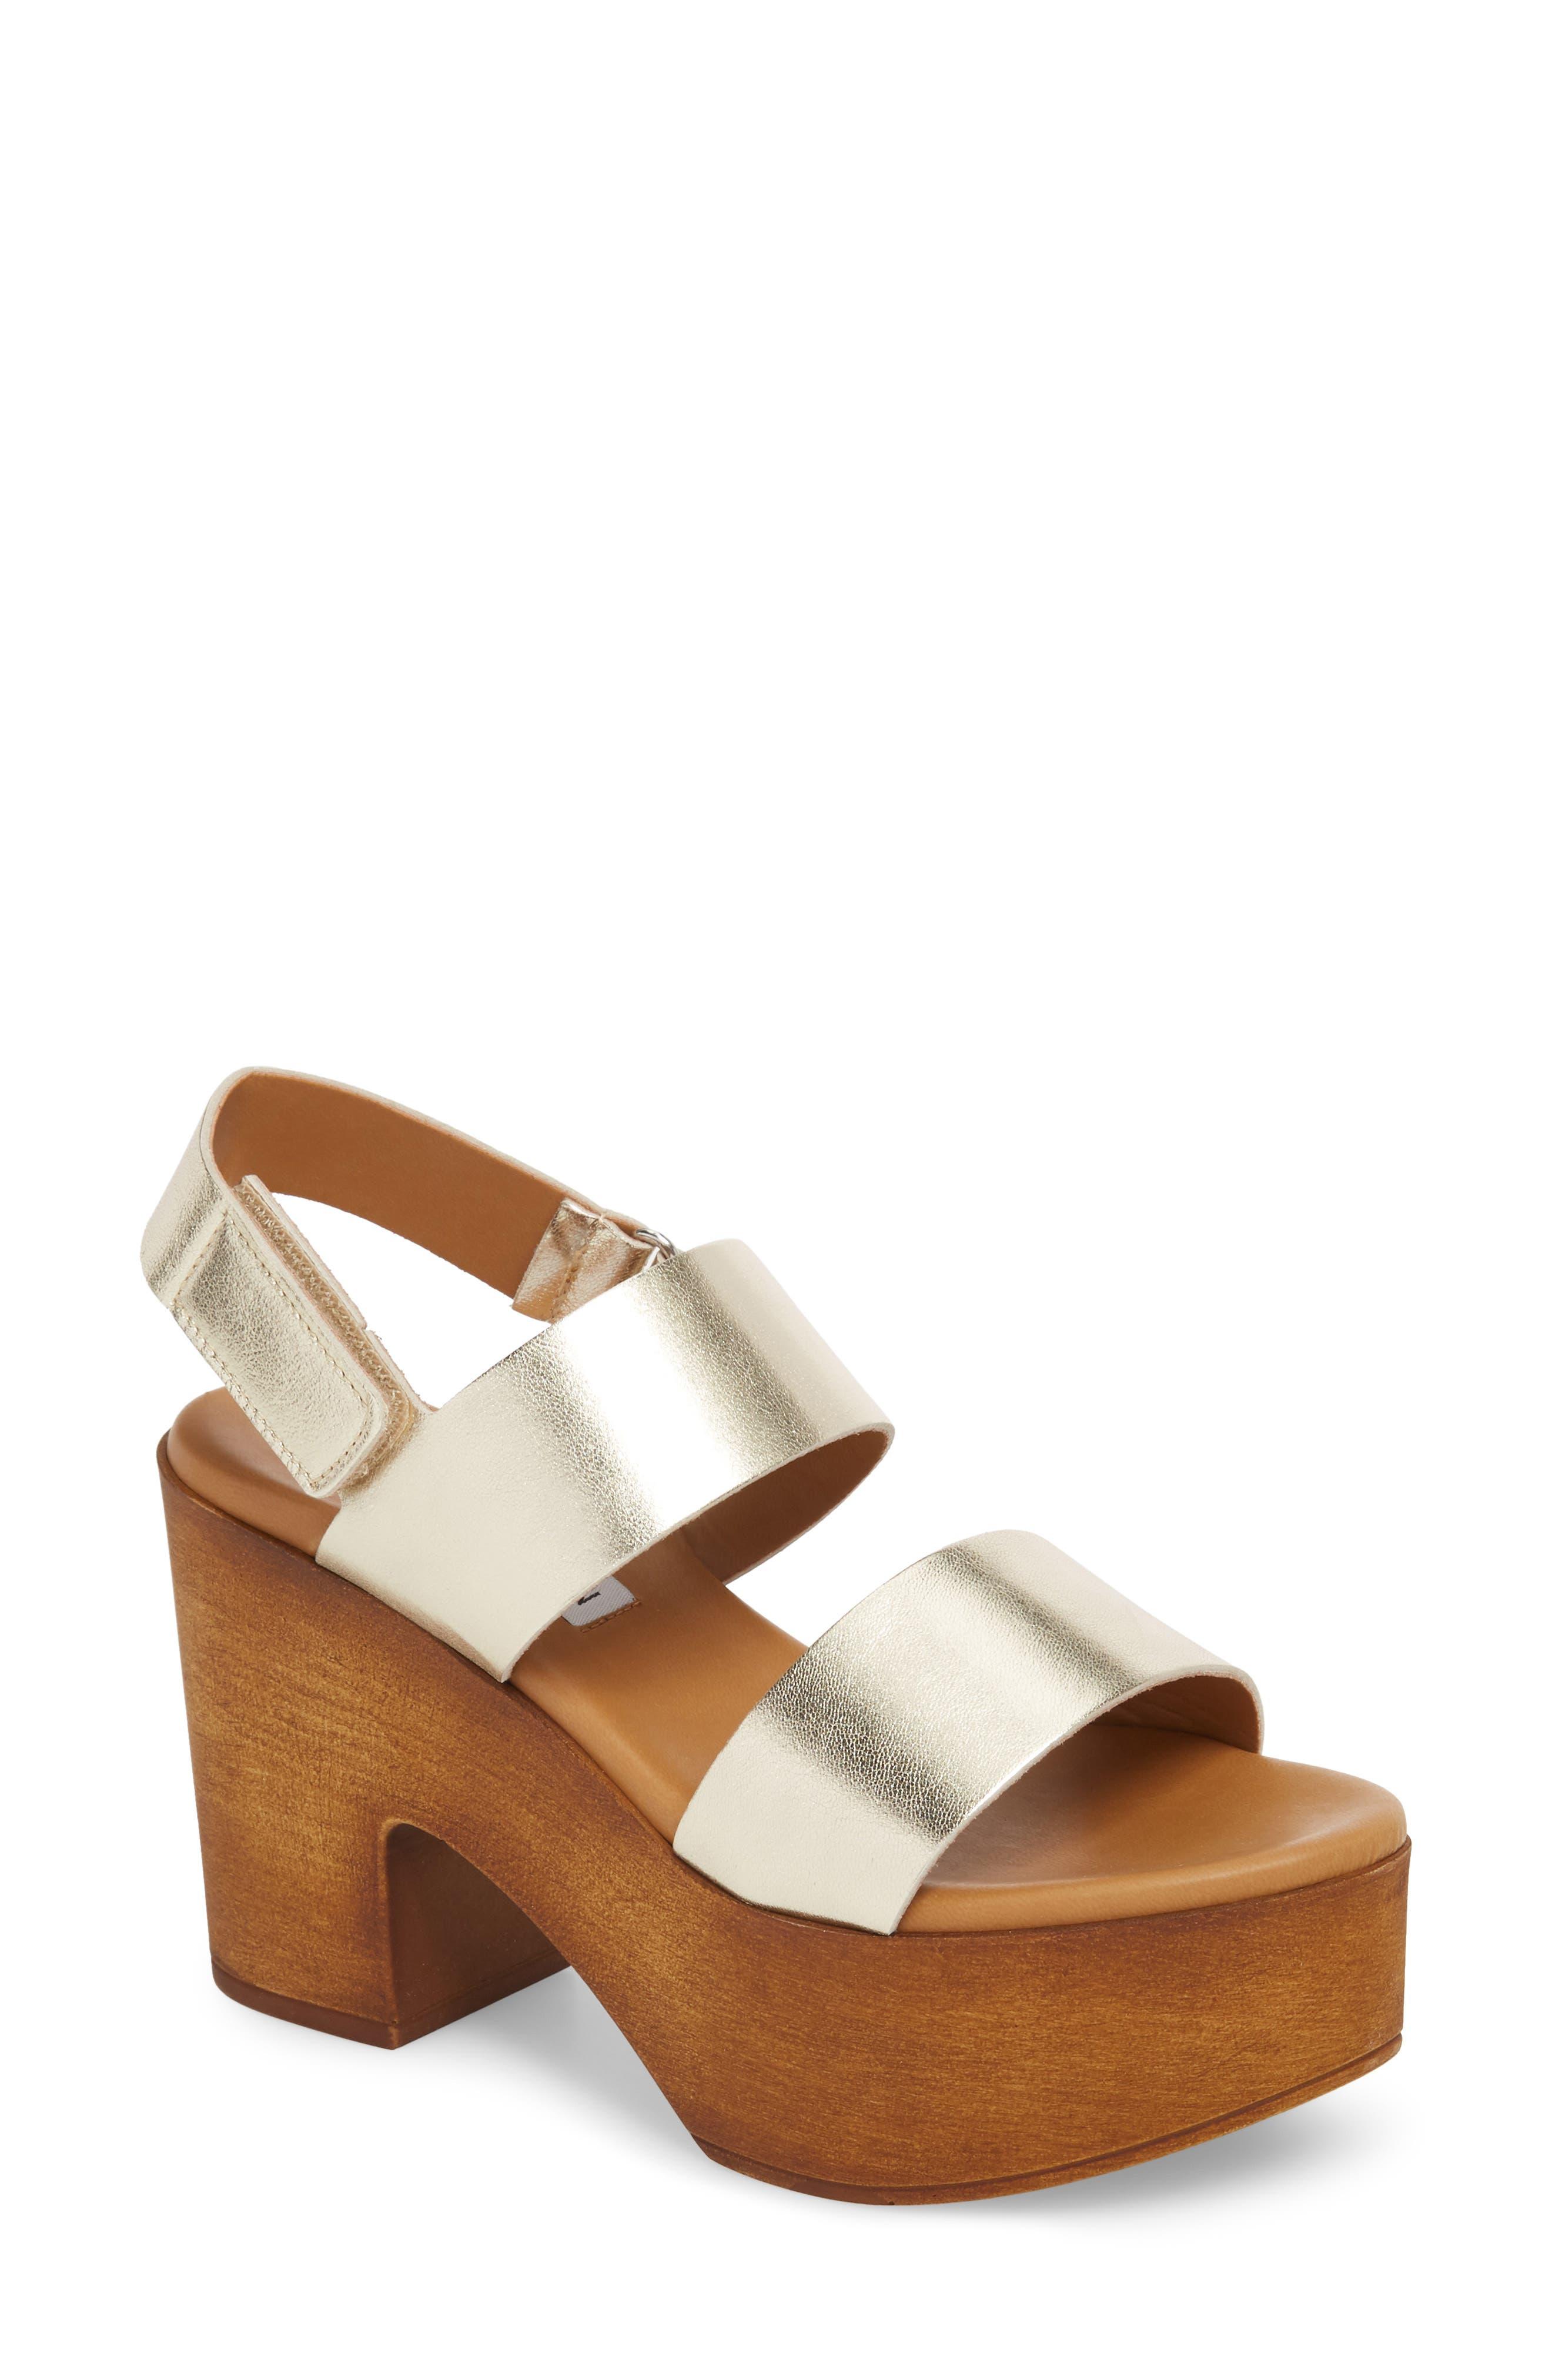 Marena Slingback Platform Sandal,                         Main,                         color, Champagne